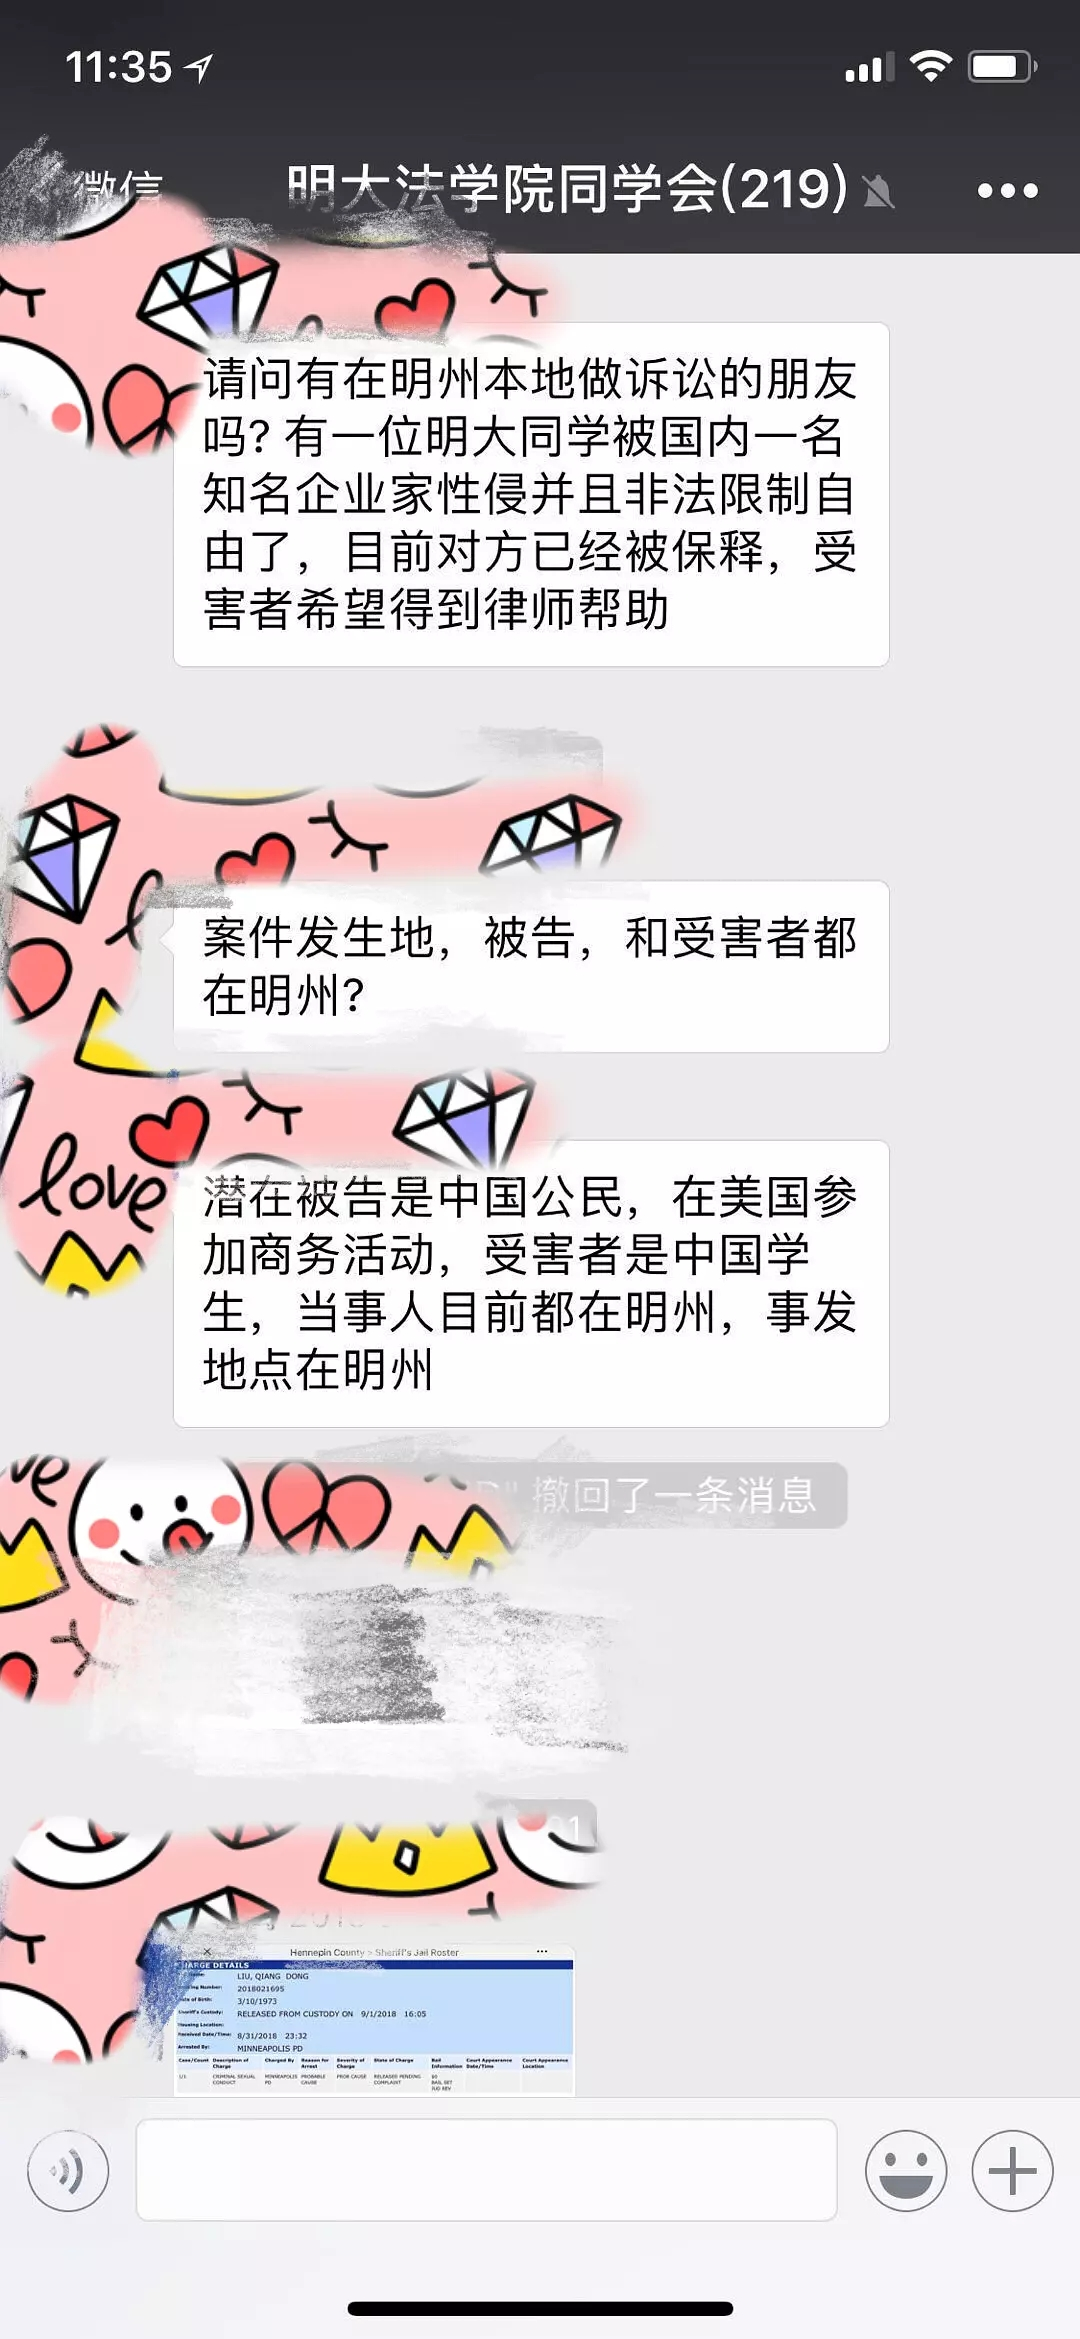 刘强东被传性侵女大学生在美被捕 百度热搜 图2